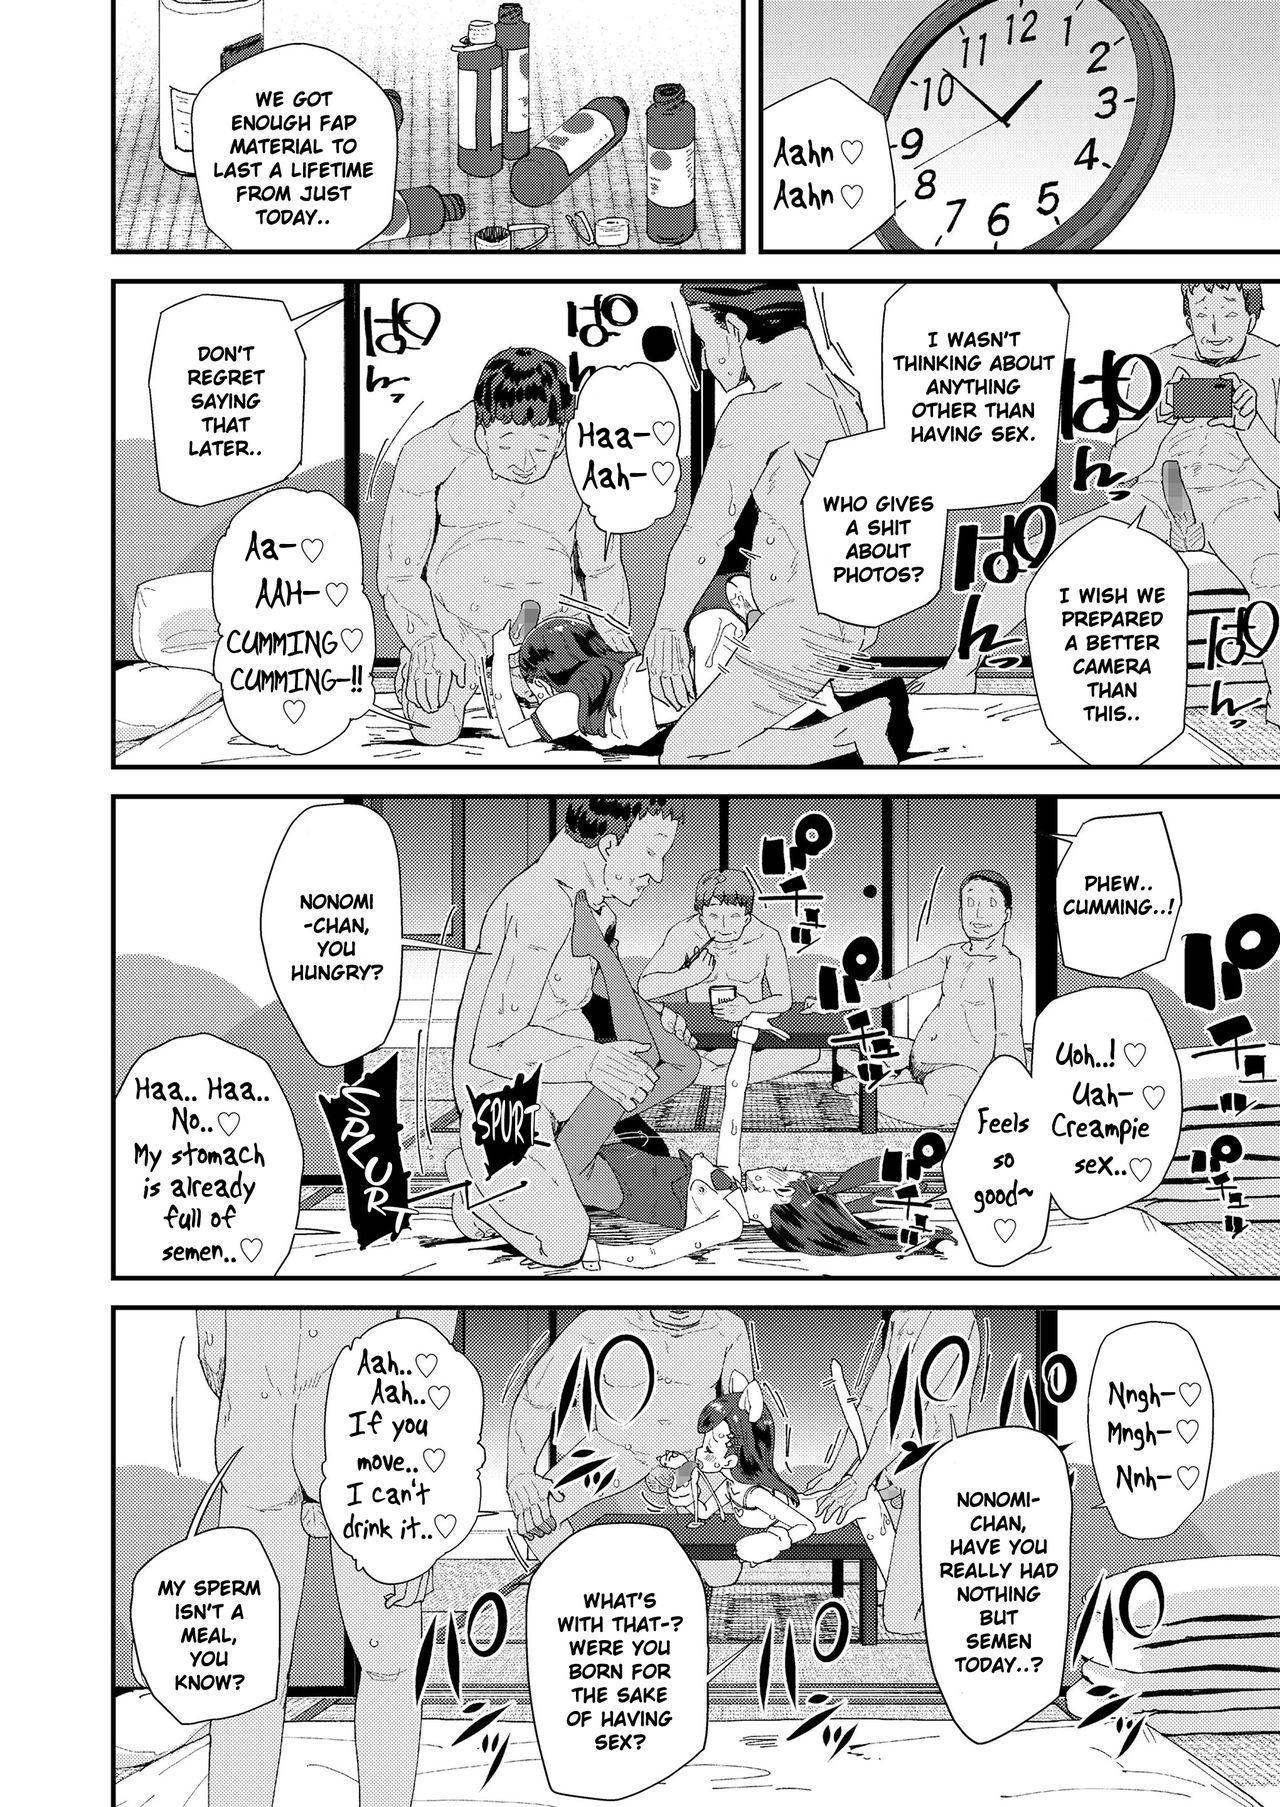 [Maeshima Ryou] Uraaka Yatteru Nonomi-chan -Koshitsu Onsen Dosukebe Gasshuku- | Nonomi-chan's Secret Account -Perverted Trip to a Private Hotspring- (COMIC LO 2020-08) [English] [Xzosk] [Digital] 17